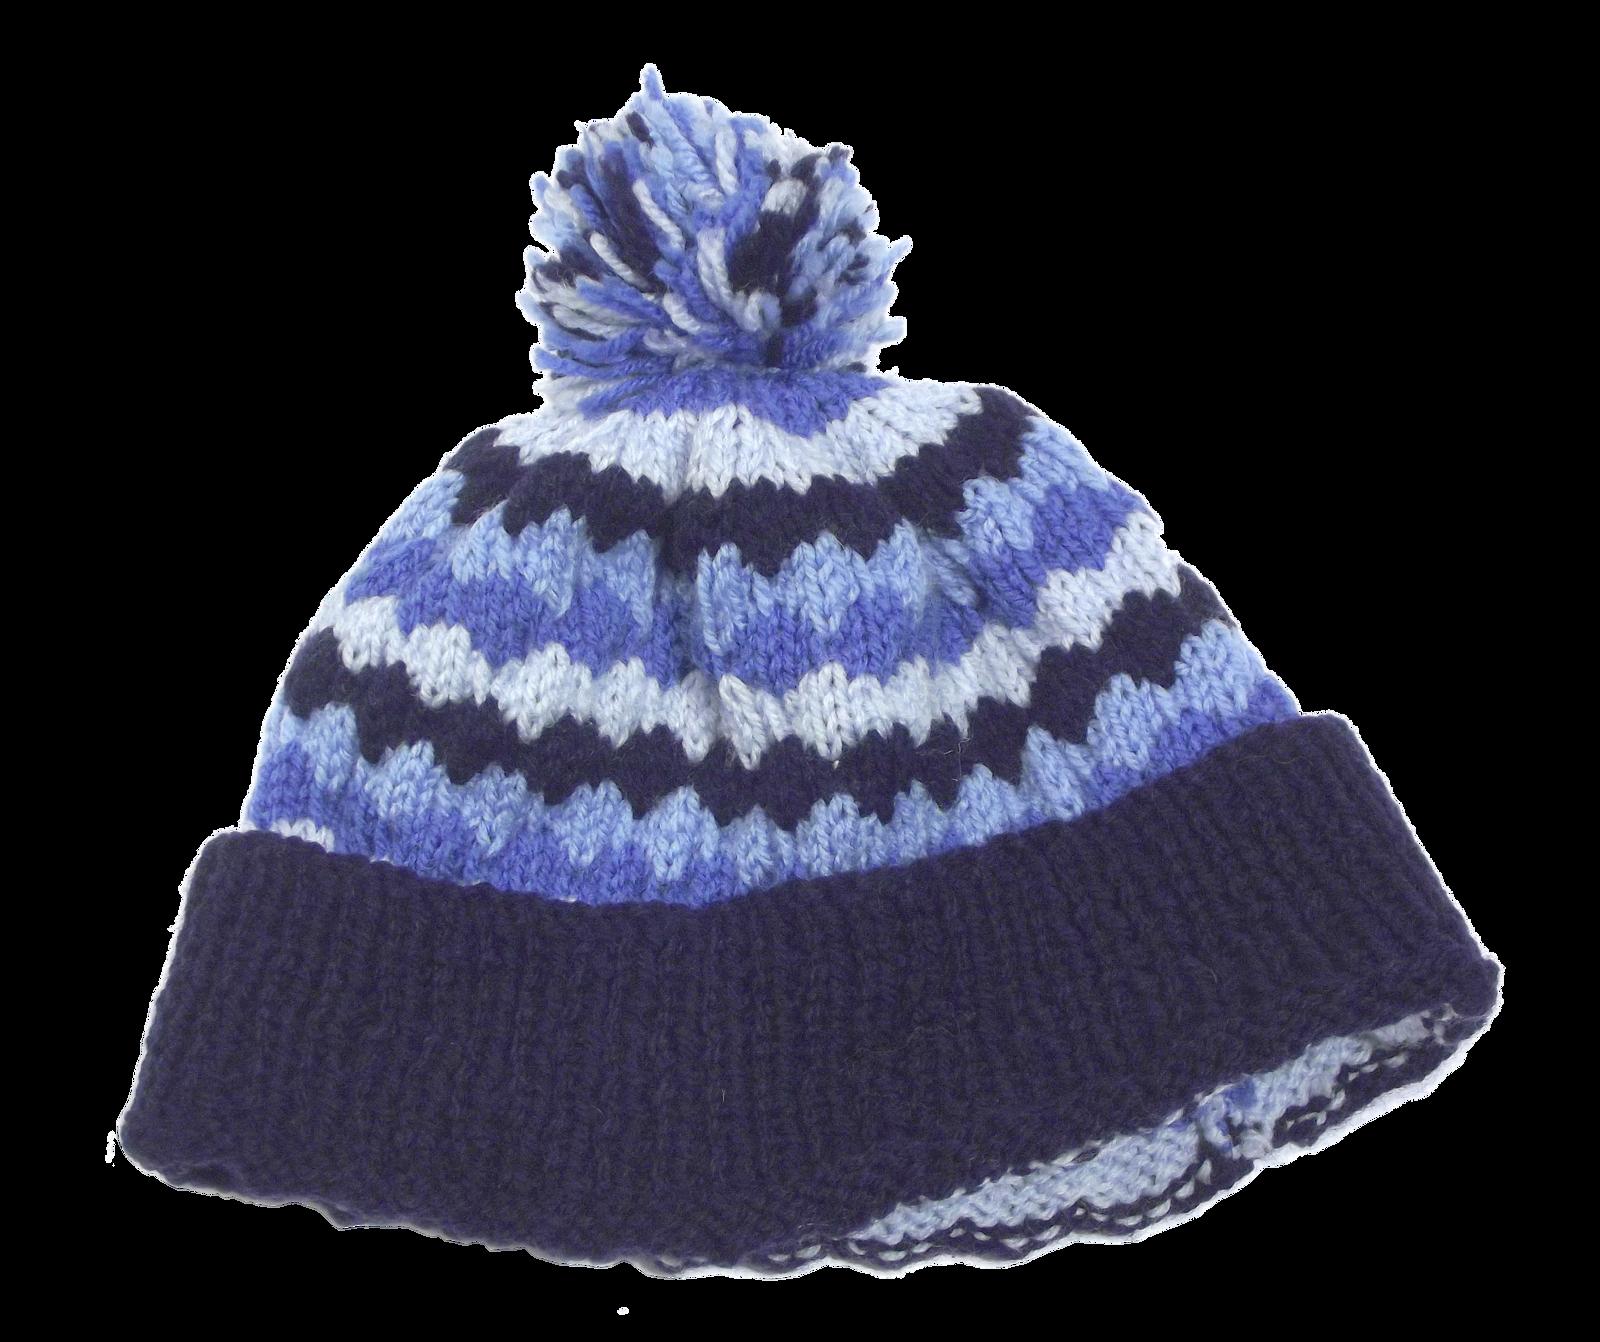 Warm Winter Hat png by Adagem on DeviantArt